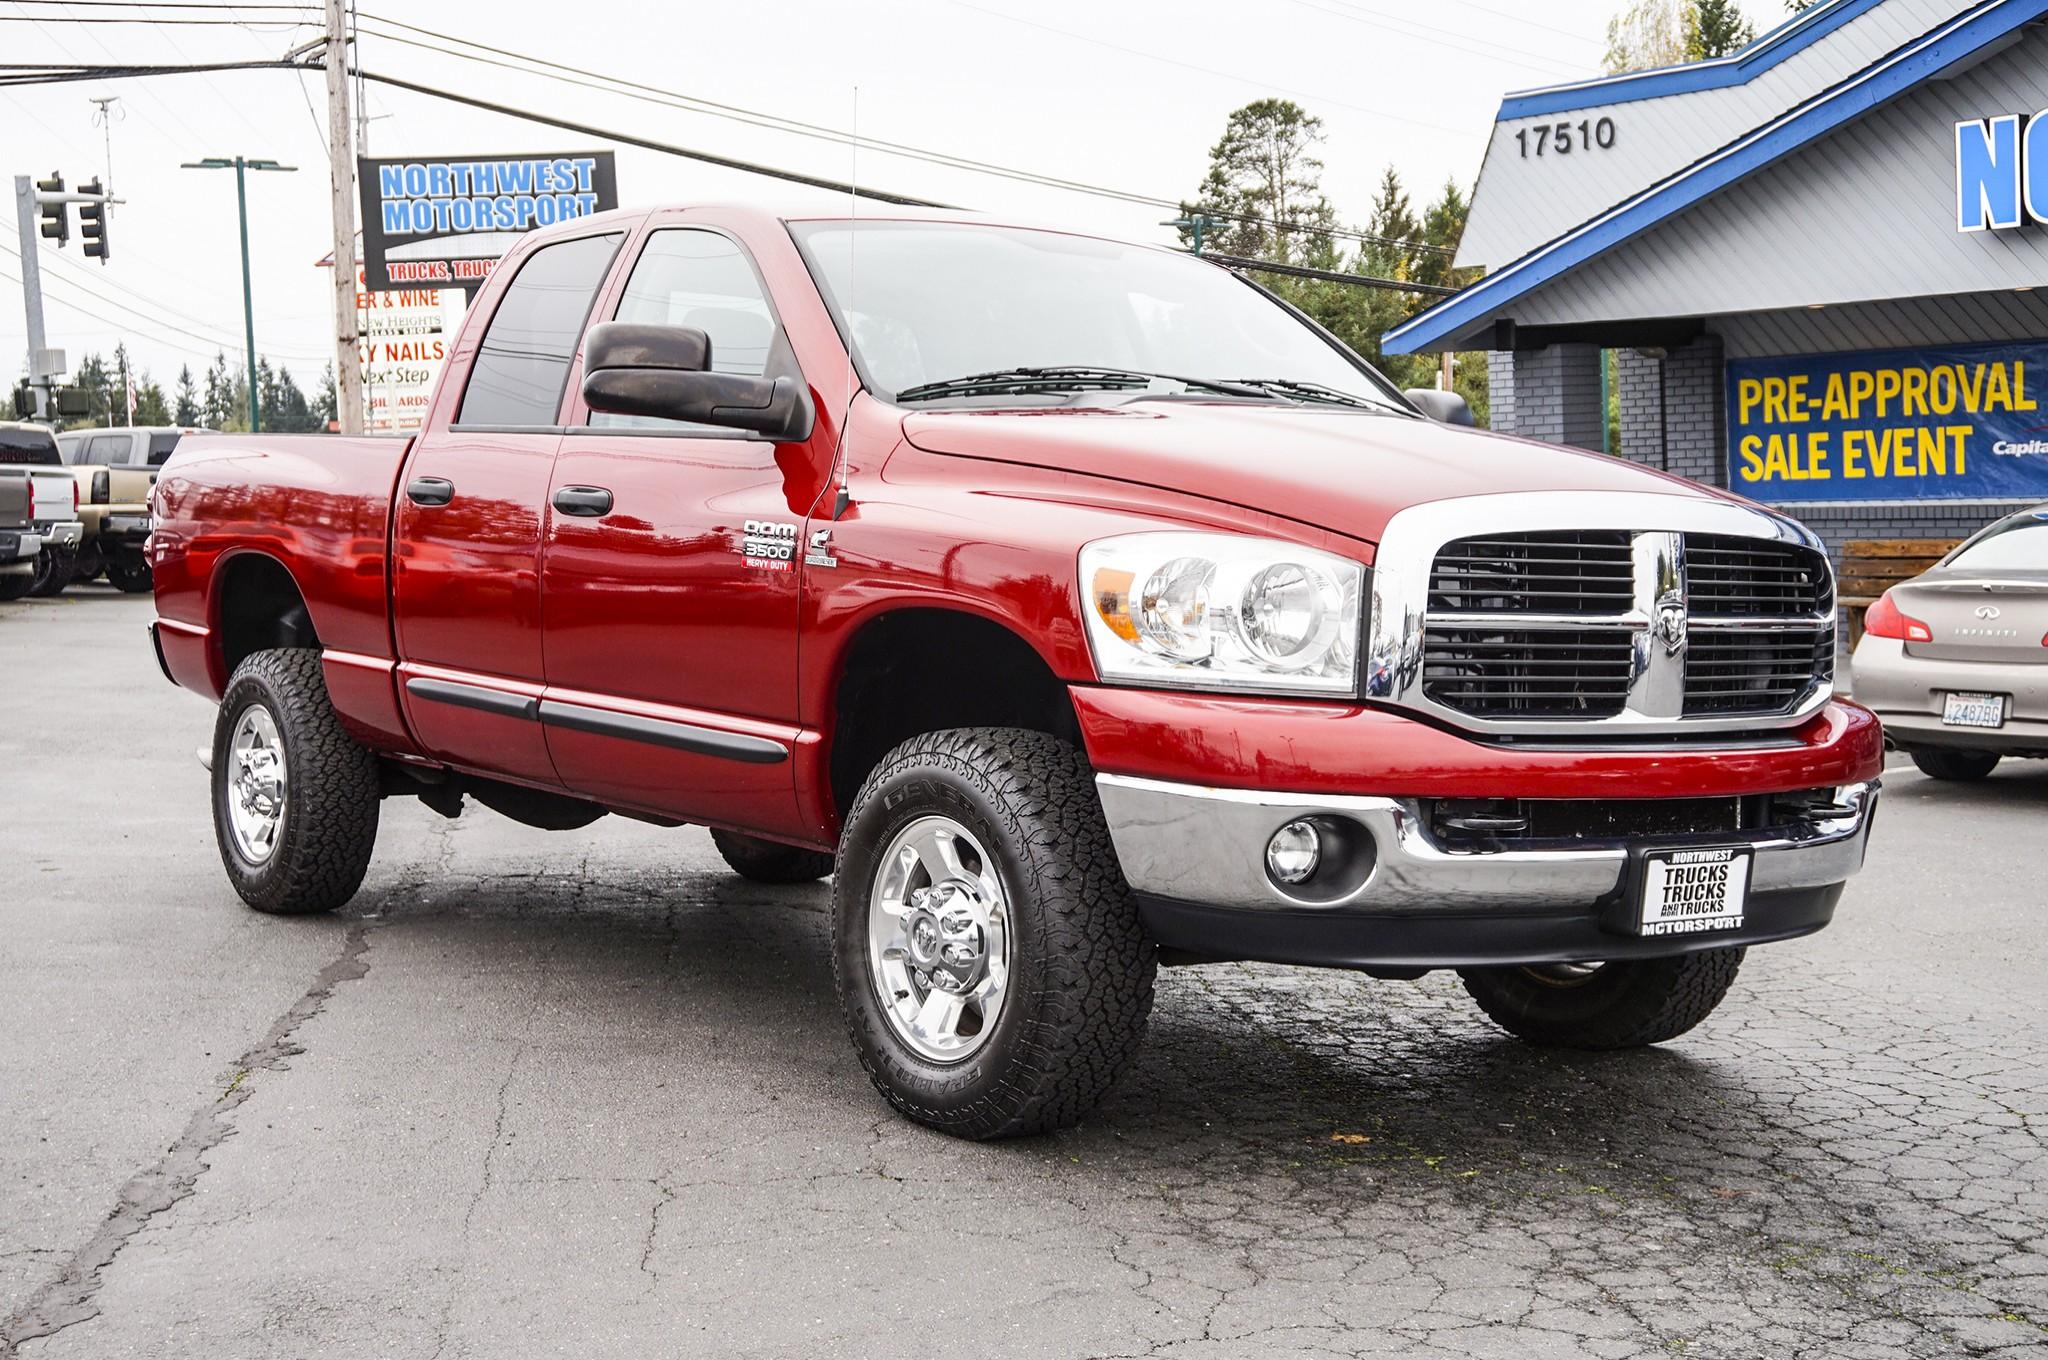 used 2007 dodge ram 3500 4x4 diesel truck for sale 35880. Black Bedroom Furniture Sets. Home Design Ideas